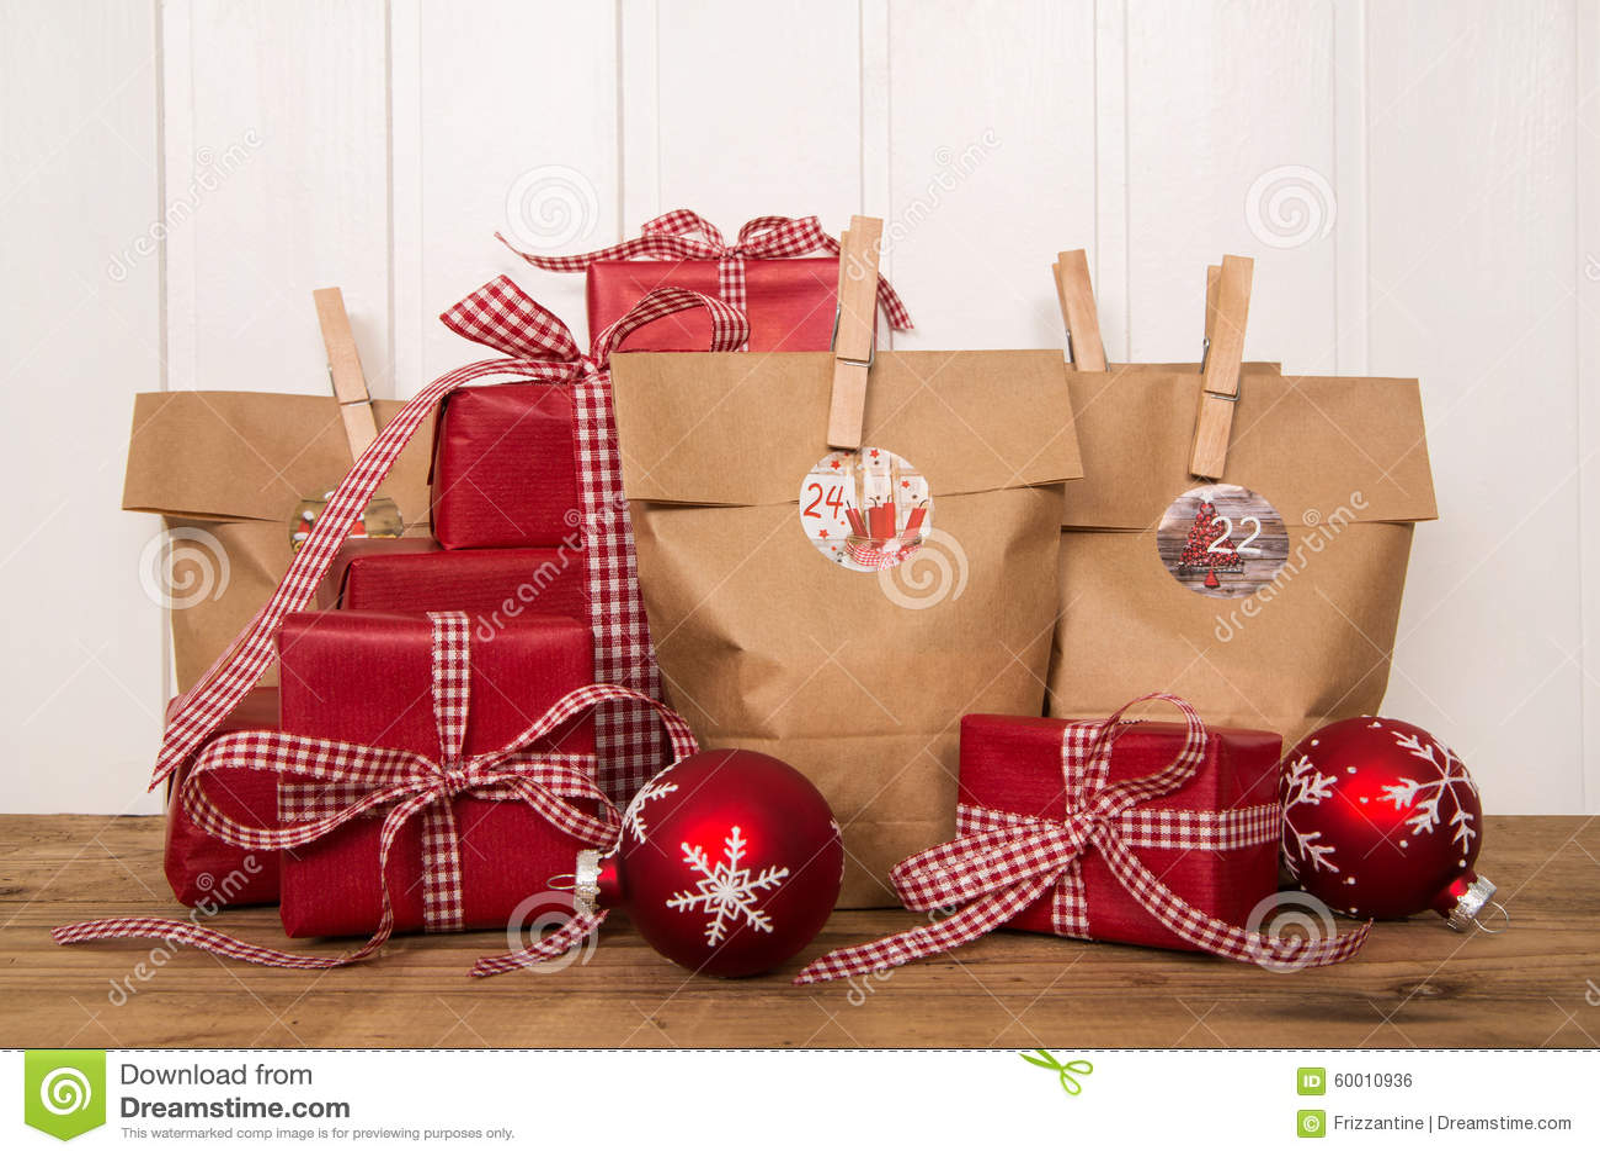 Regalos de navidad y bolsos rojos hechos a mano foto de - Regalos a mano ...